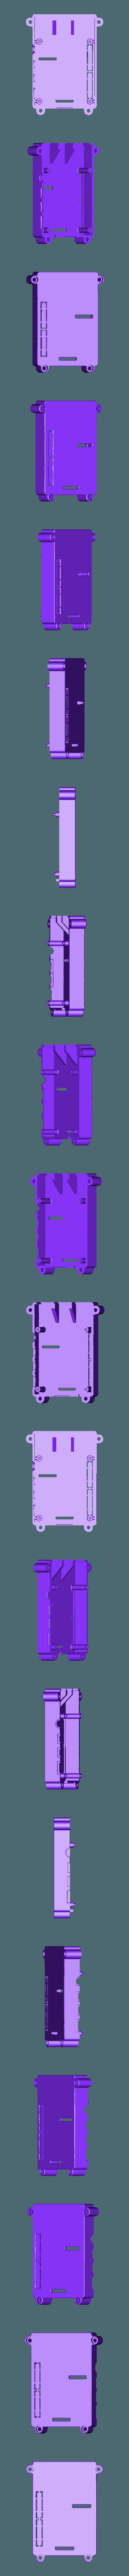 FULL_SLOTTED_BLANK.STL Télécharger fichier STL gratuit Étui Pi 4B Framboise Framboise • Objet pour imprimante 3D, mkellsy